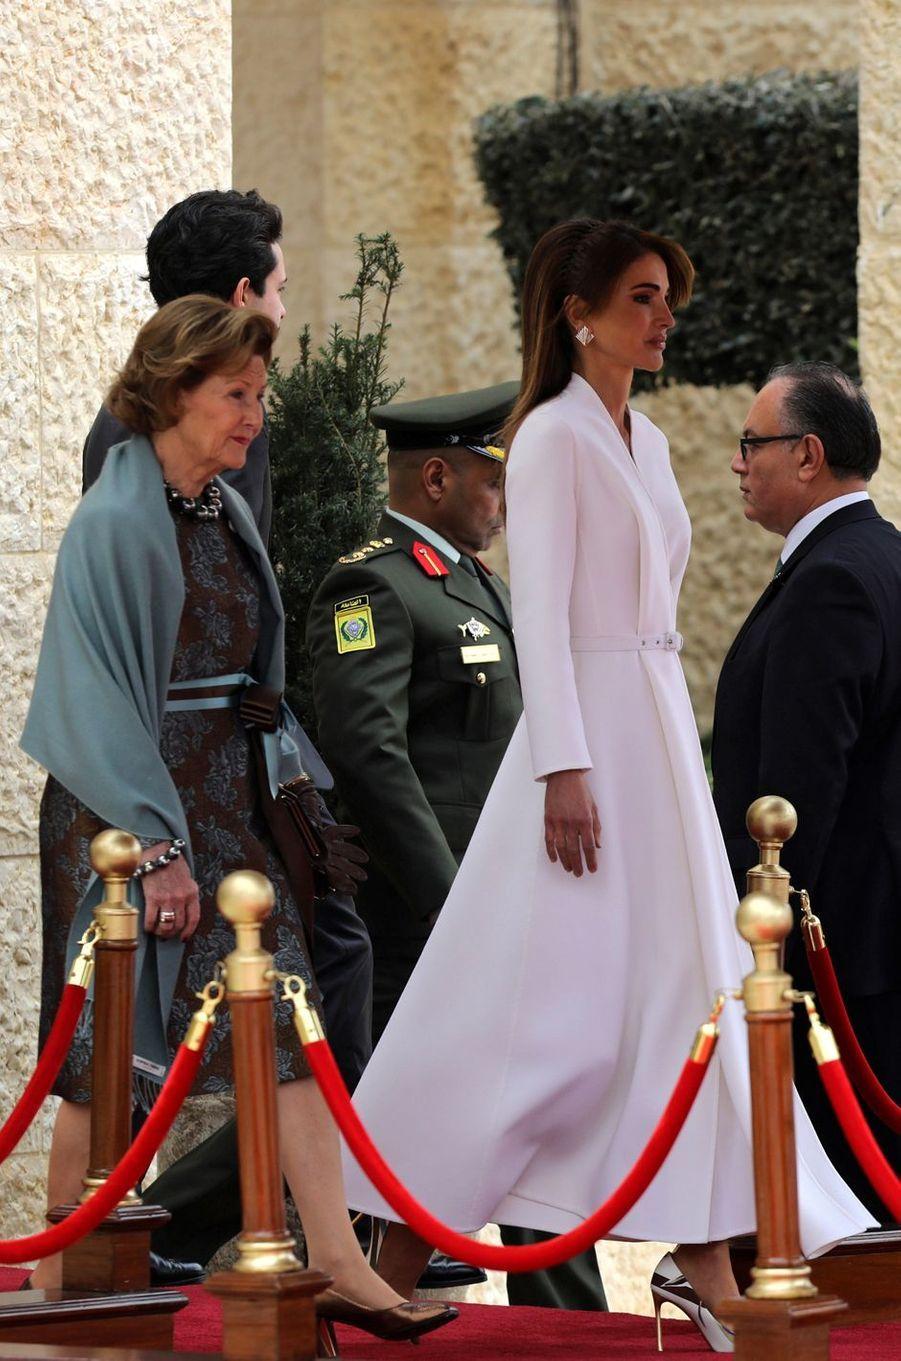 Les reines Sonja de Norvège et Rania de Jordanie à Amman, le 2 mars 2020